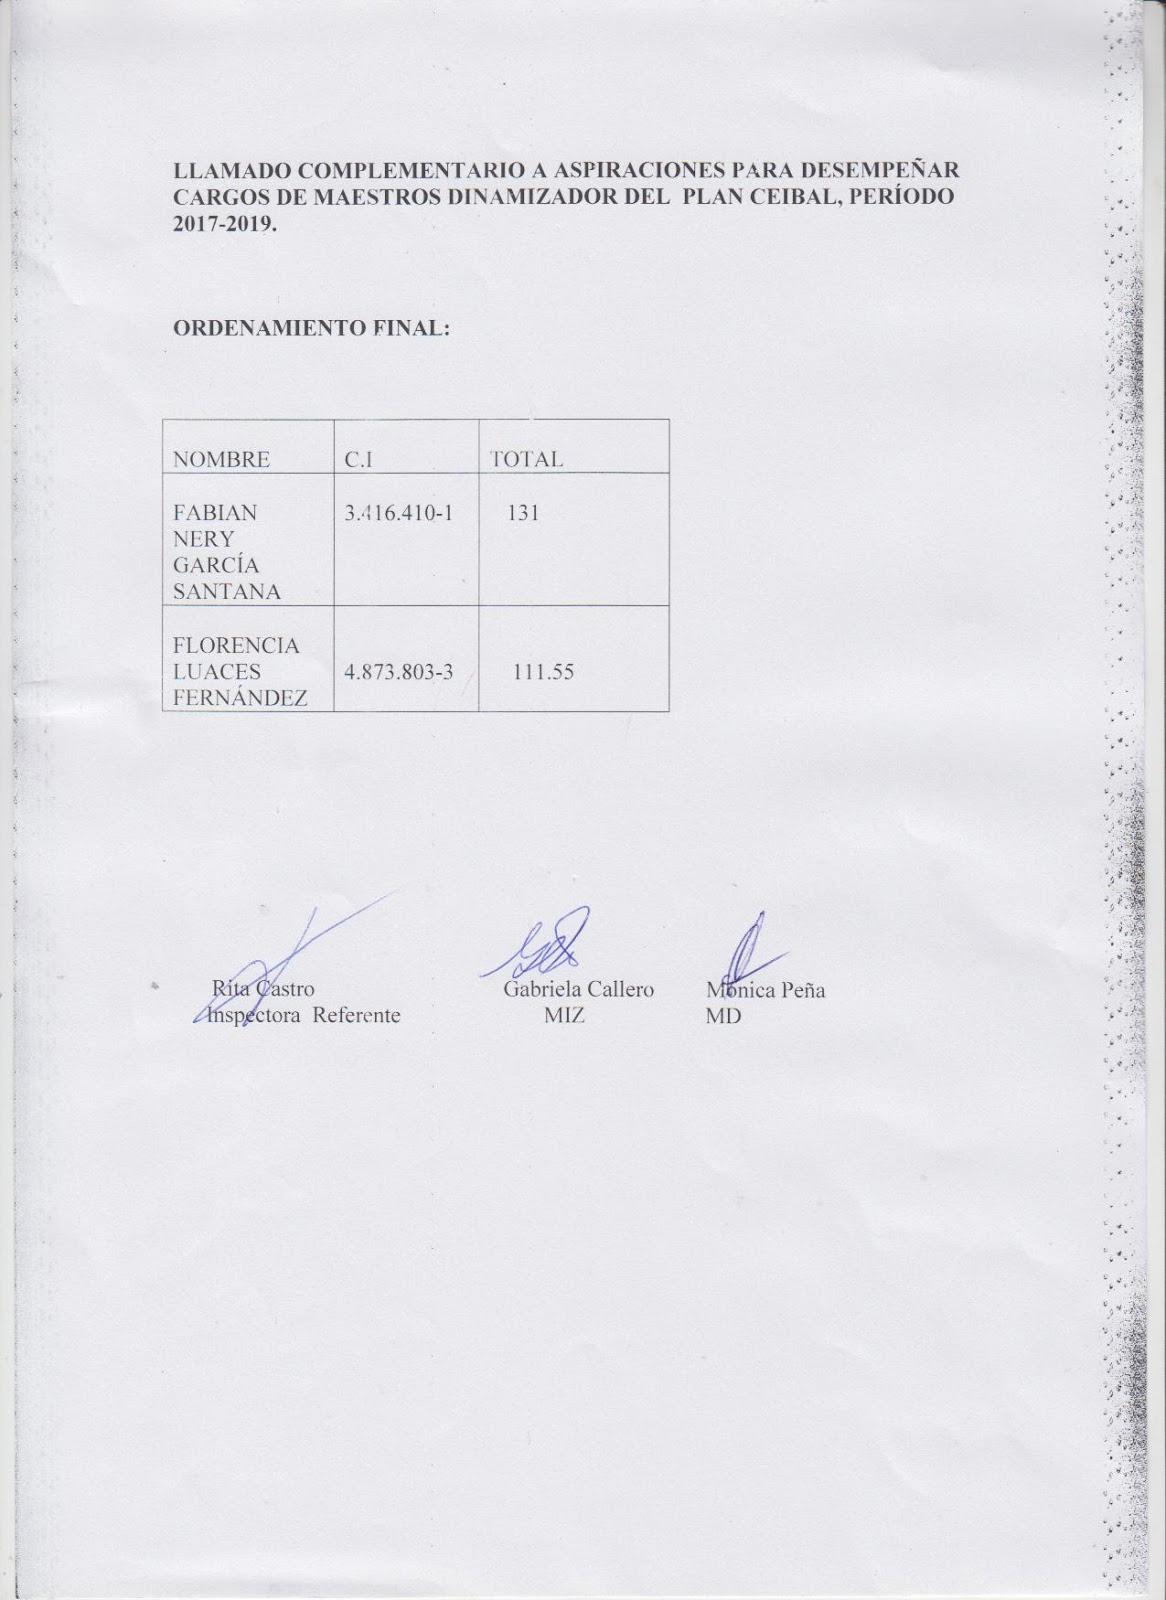 Ceip inspecci n departamental de san jos for Ceip llamados